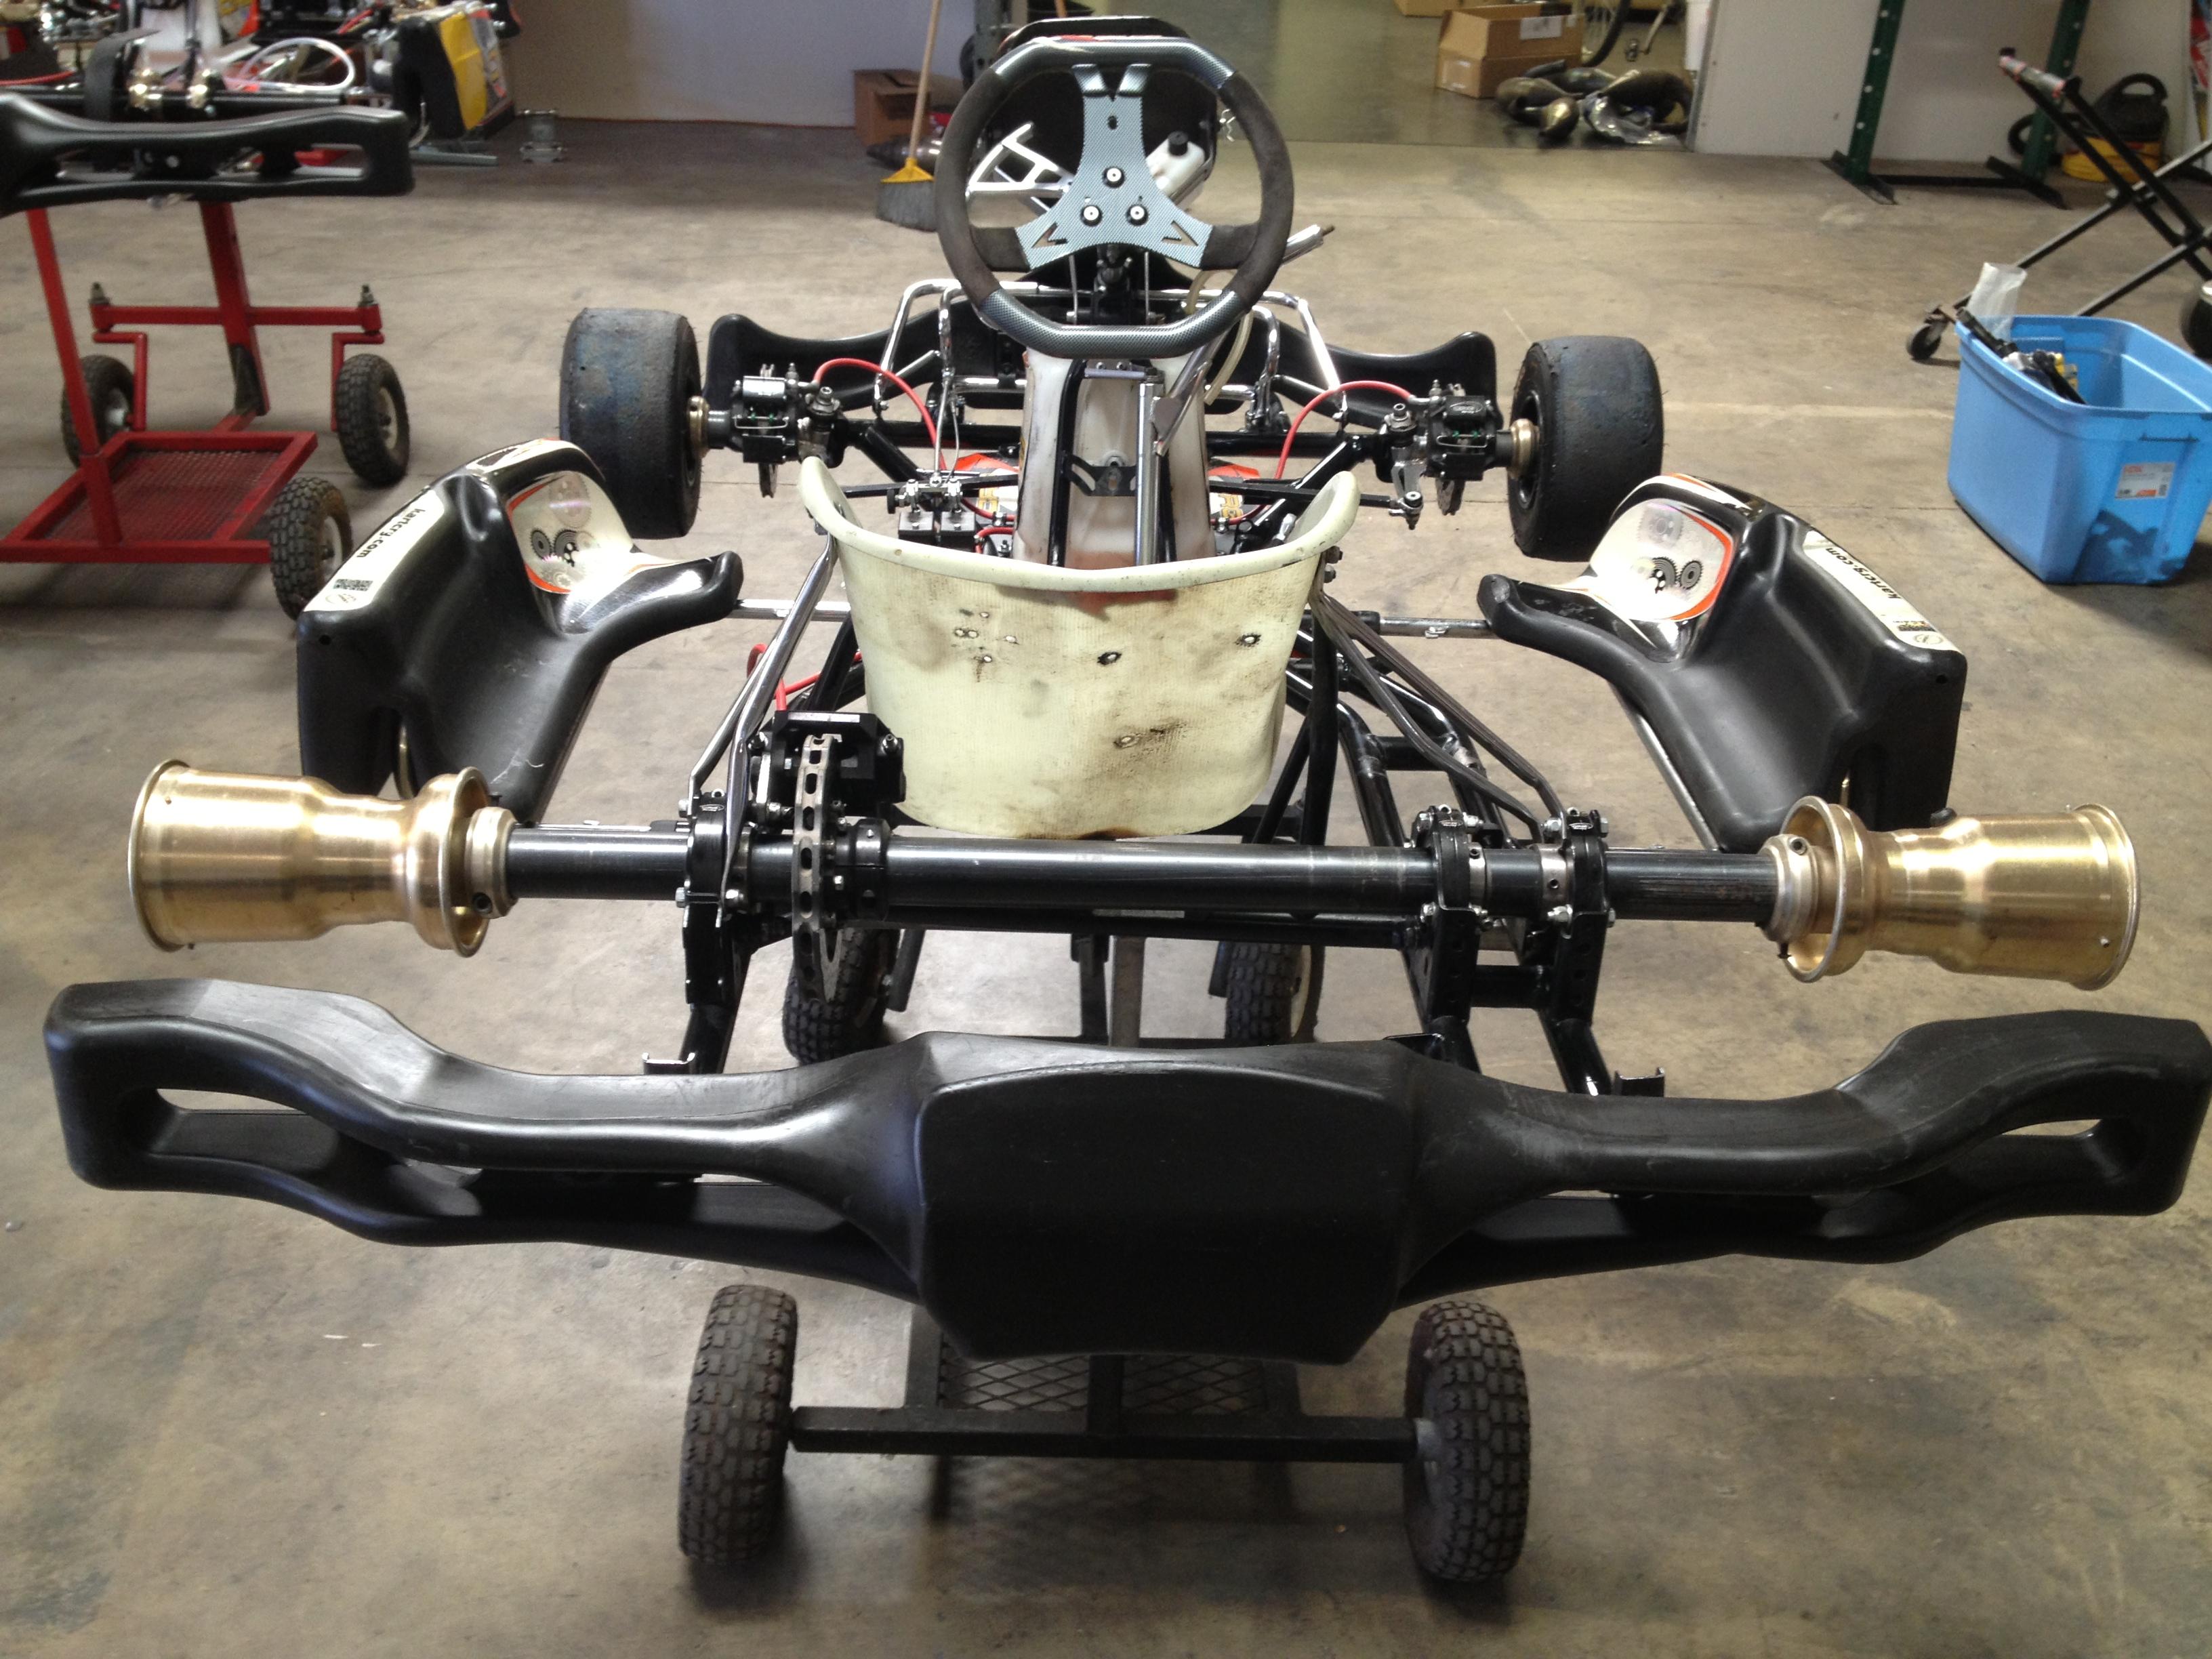 Go Kart Crg Zuera Shifter Chassis 2015